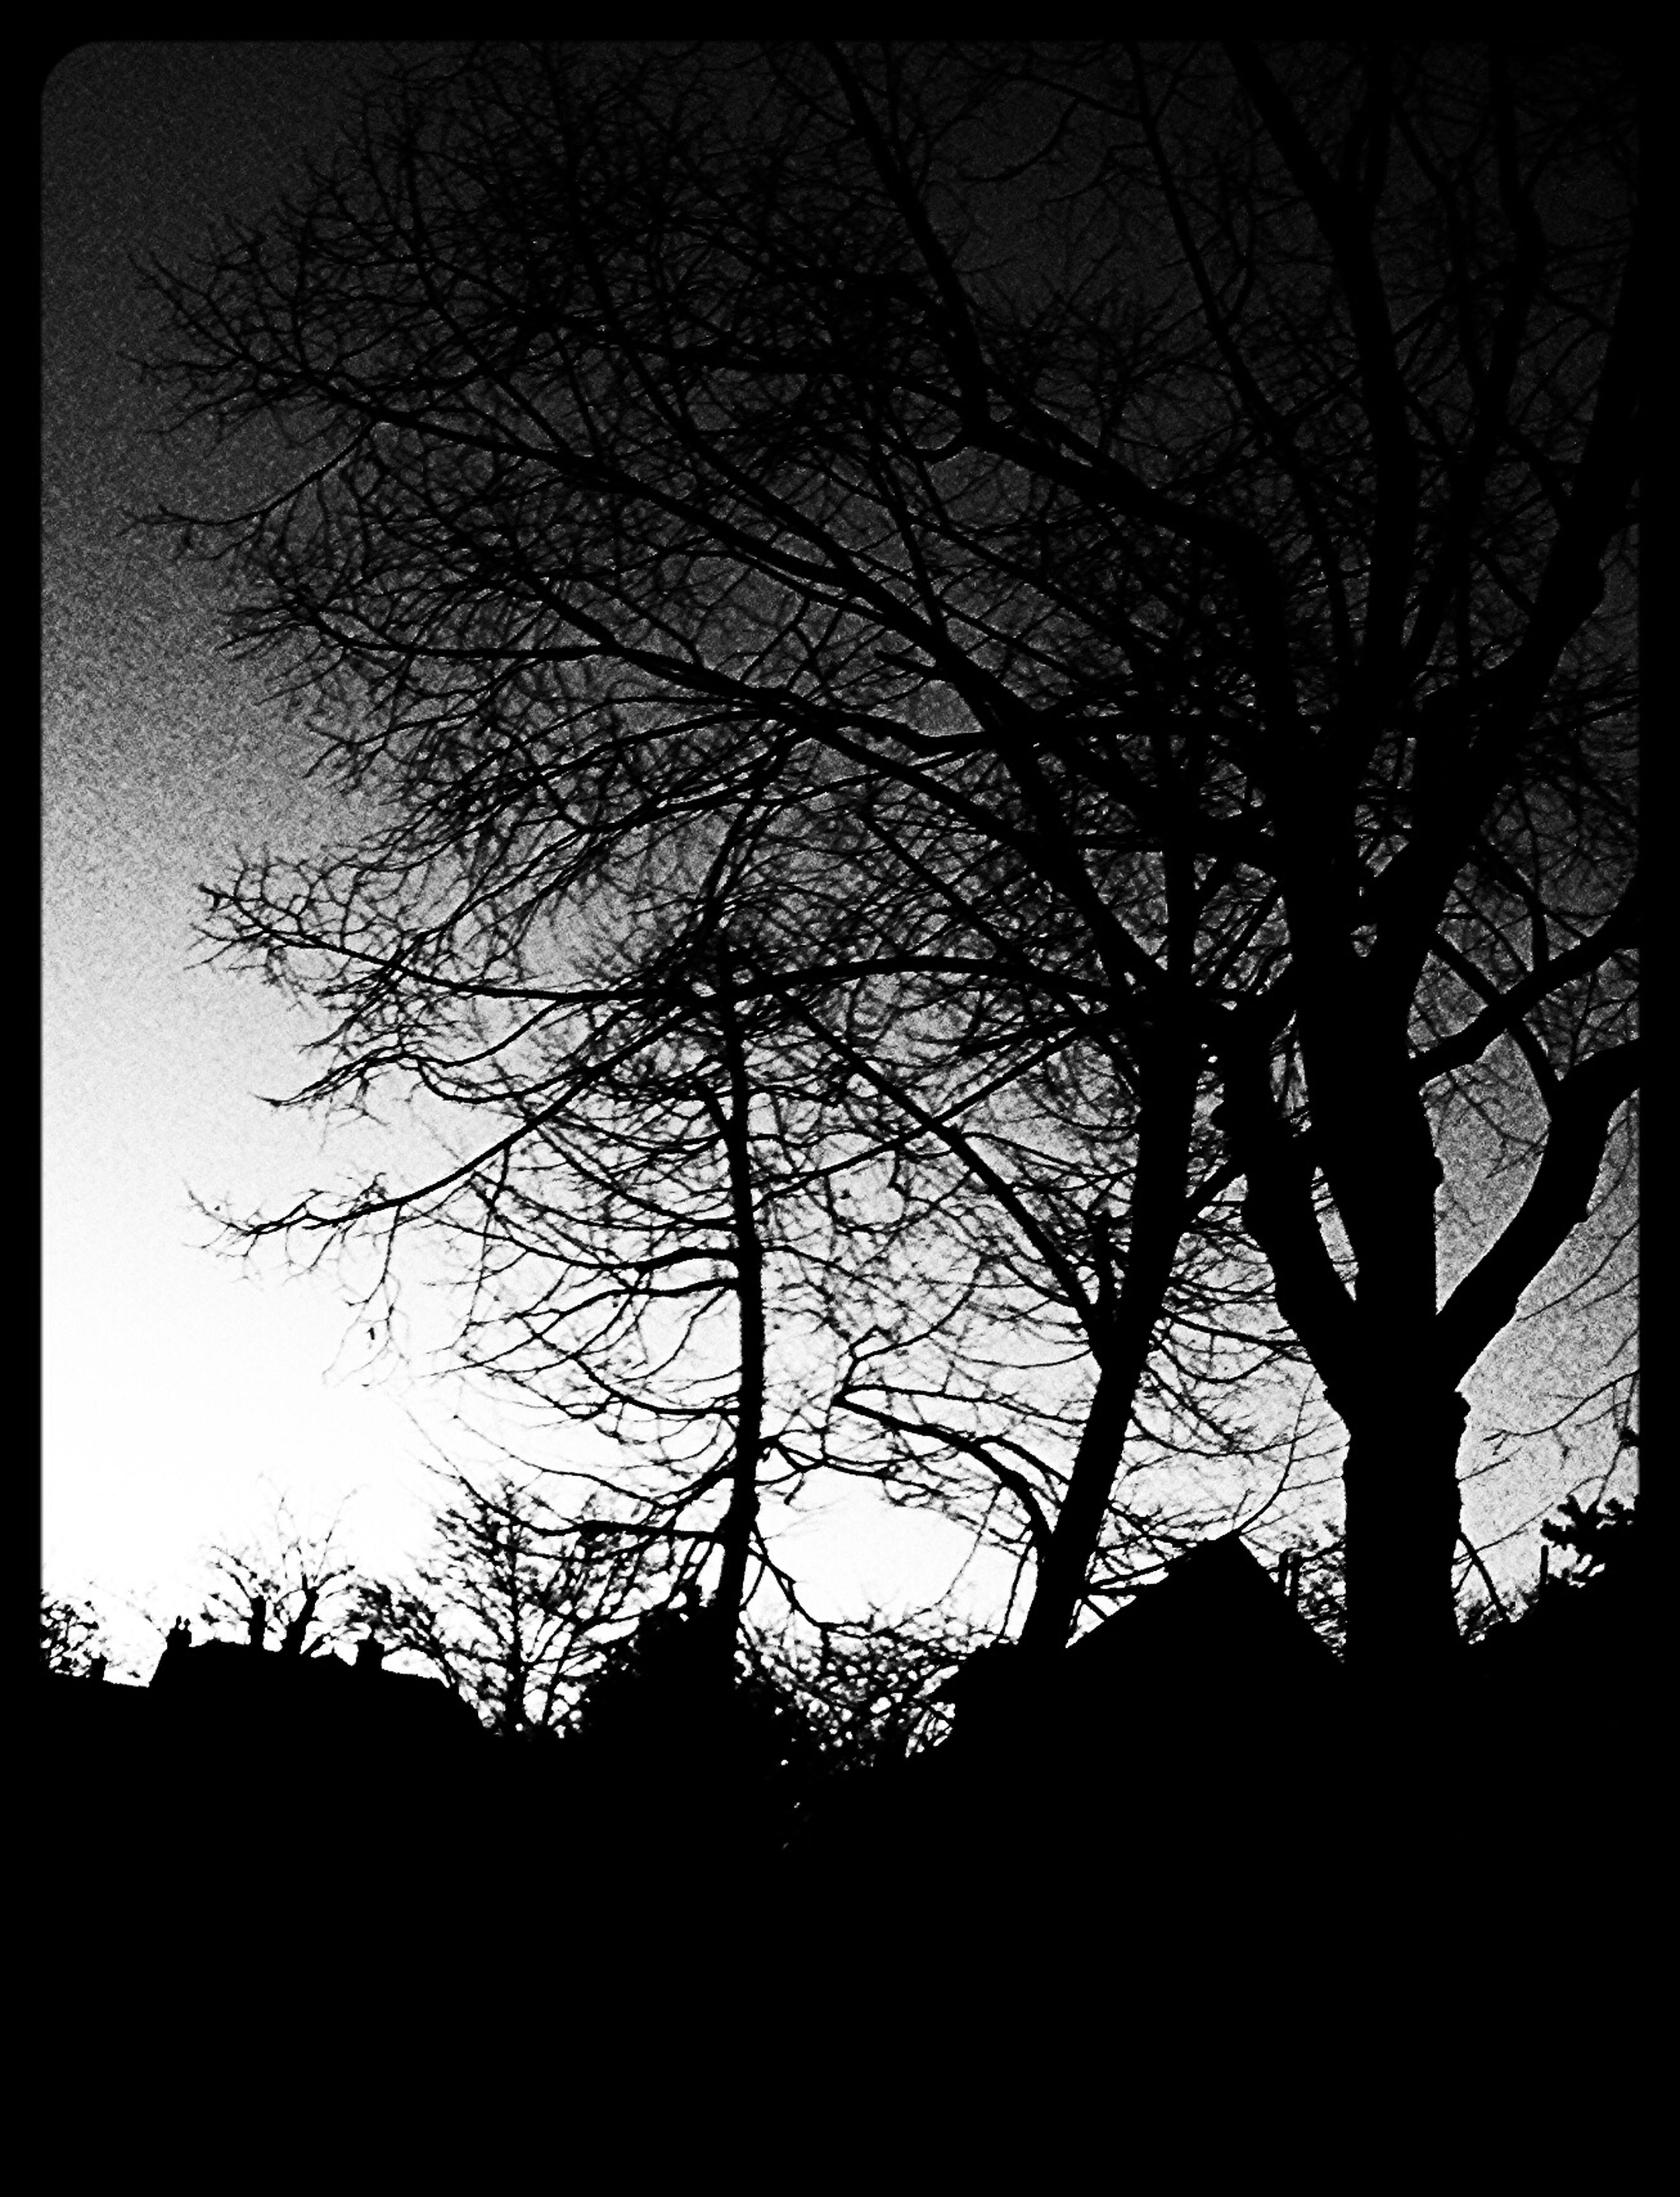 Spring night contrast Streamzoo Streamzoofamily #night Blackandwhite Nature #sky #trees